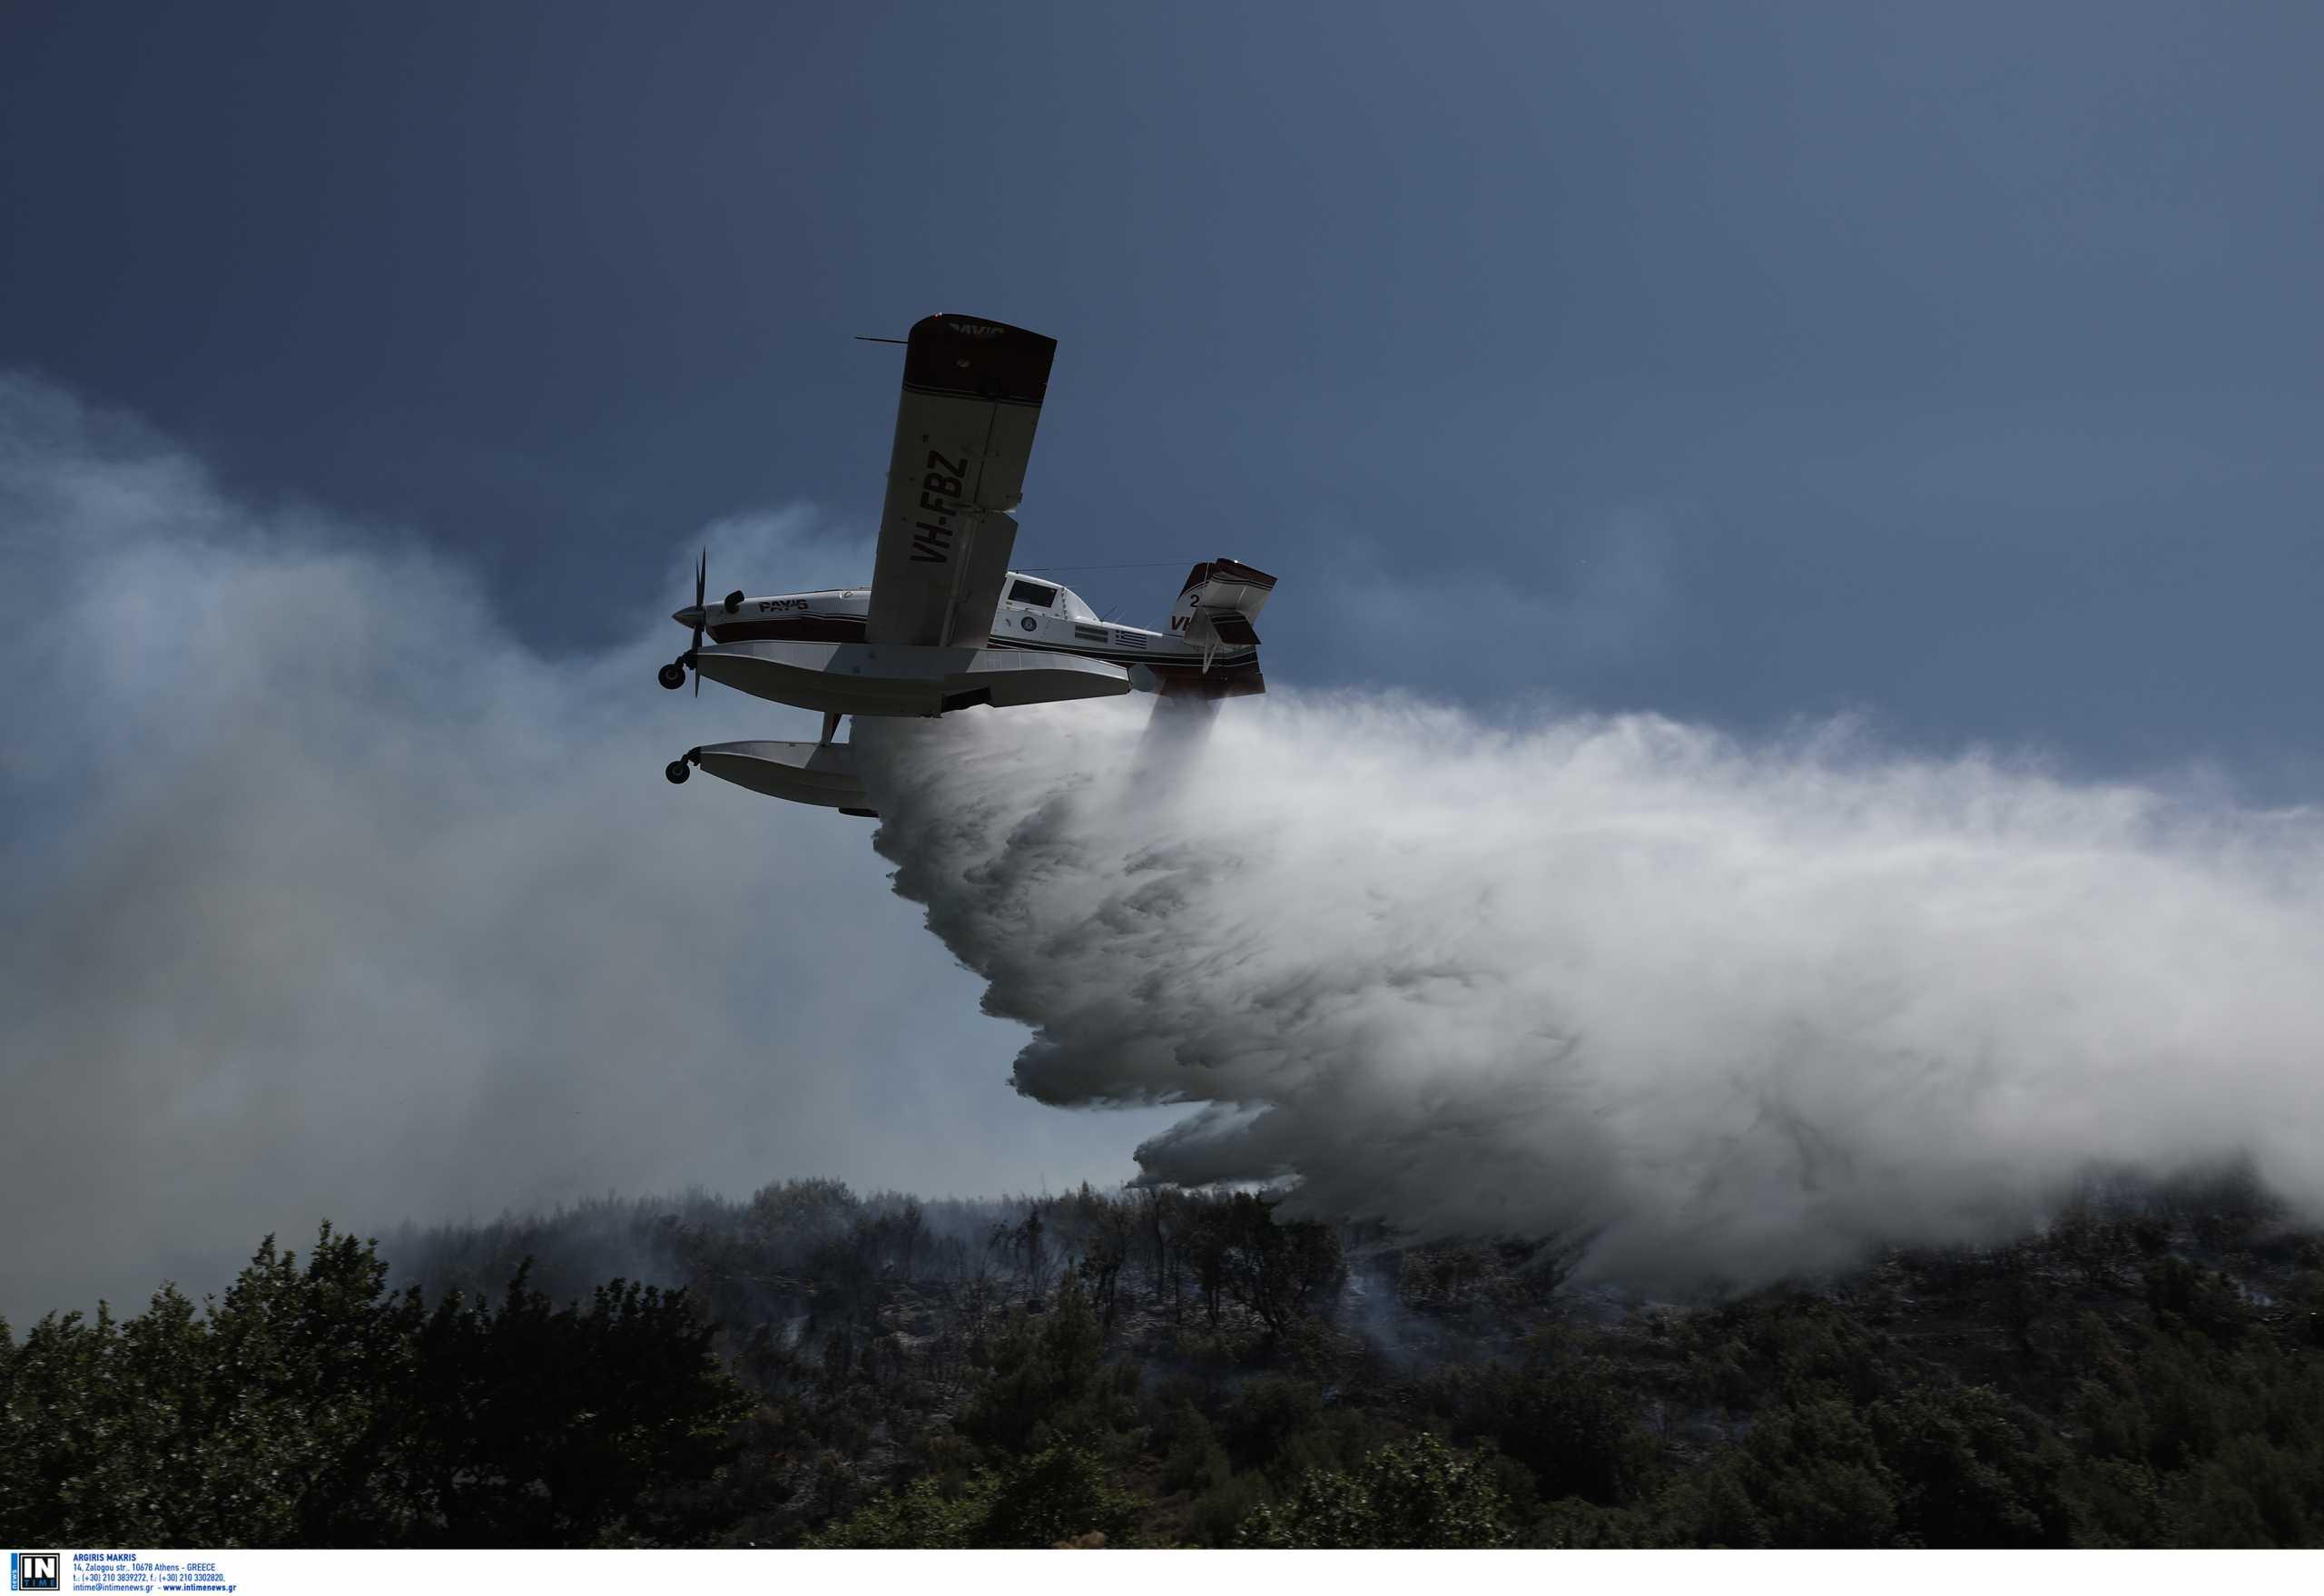 Φωτιά στη Μυτιλήνη: Καταστράφηκε αγροτικός συνεταιρισμός – Καταστράφηκε αποθήκη με ζωοτροφές